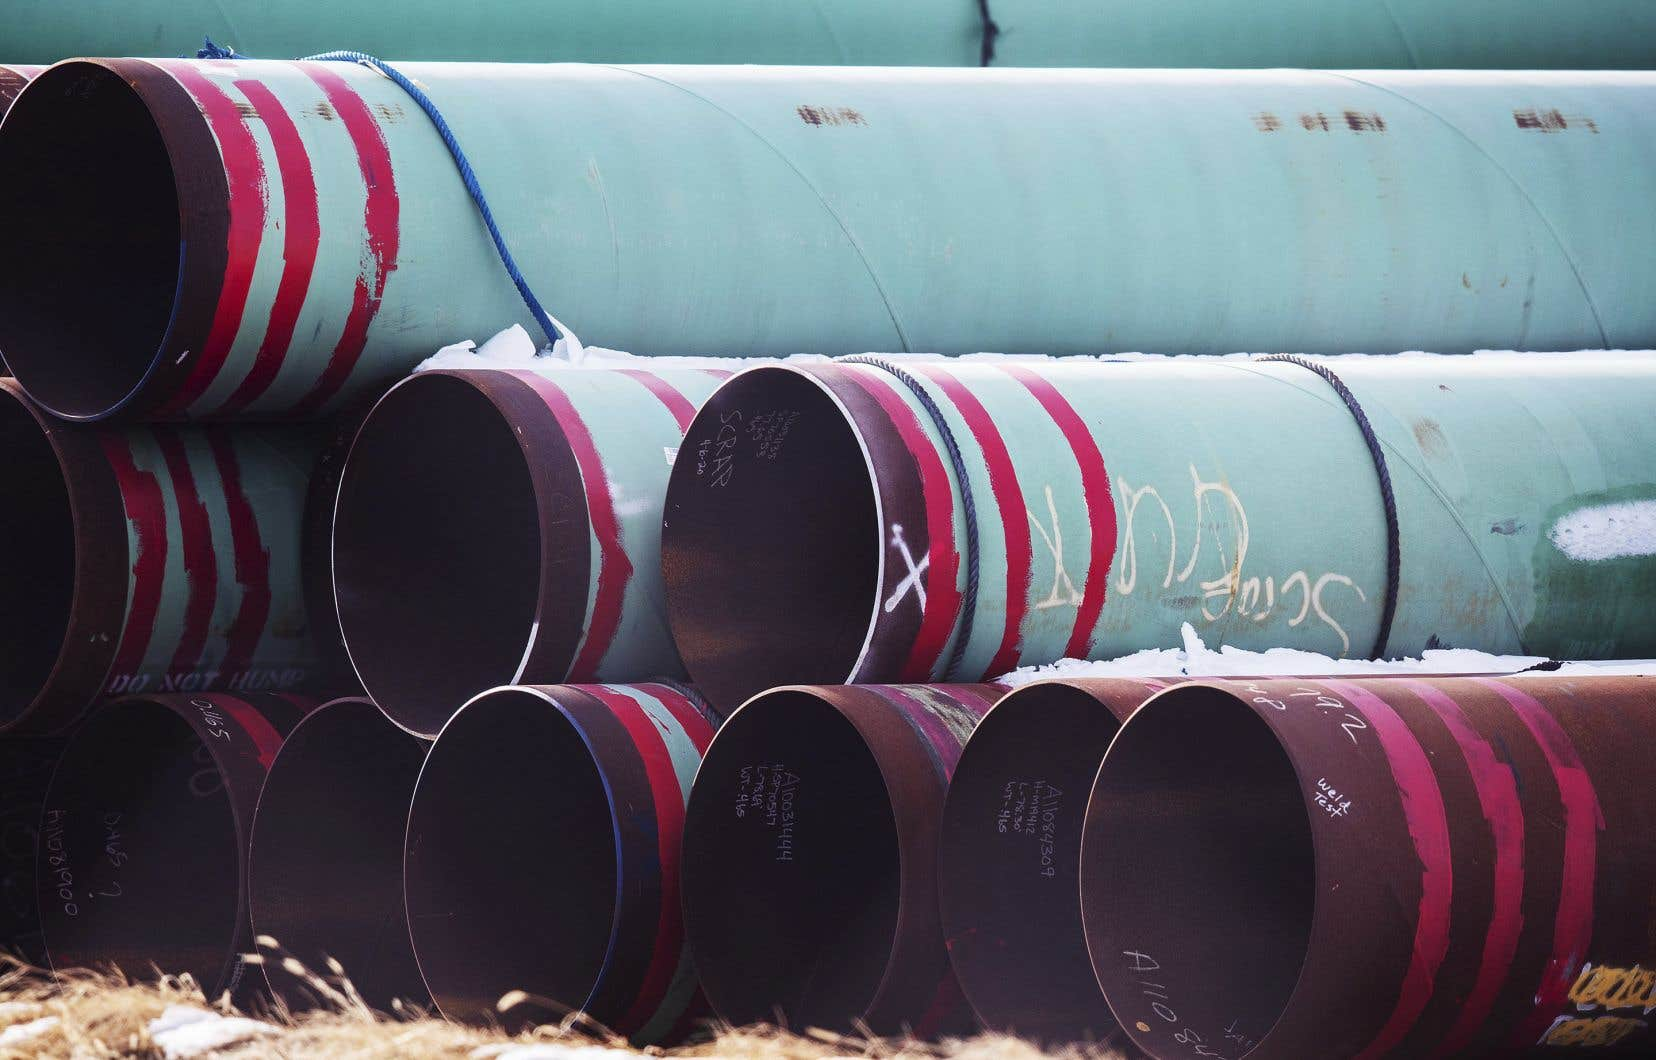 Le 20janvier, l'annonce officielle par TC Energy de suspendre les travaux de pipeline de Keystone XL à la suite du décret du président américain, Joe Biden, a fait l'effet d'un coup de tonnerre dans le ciel albertain.